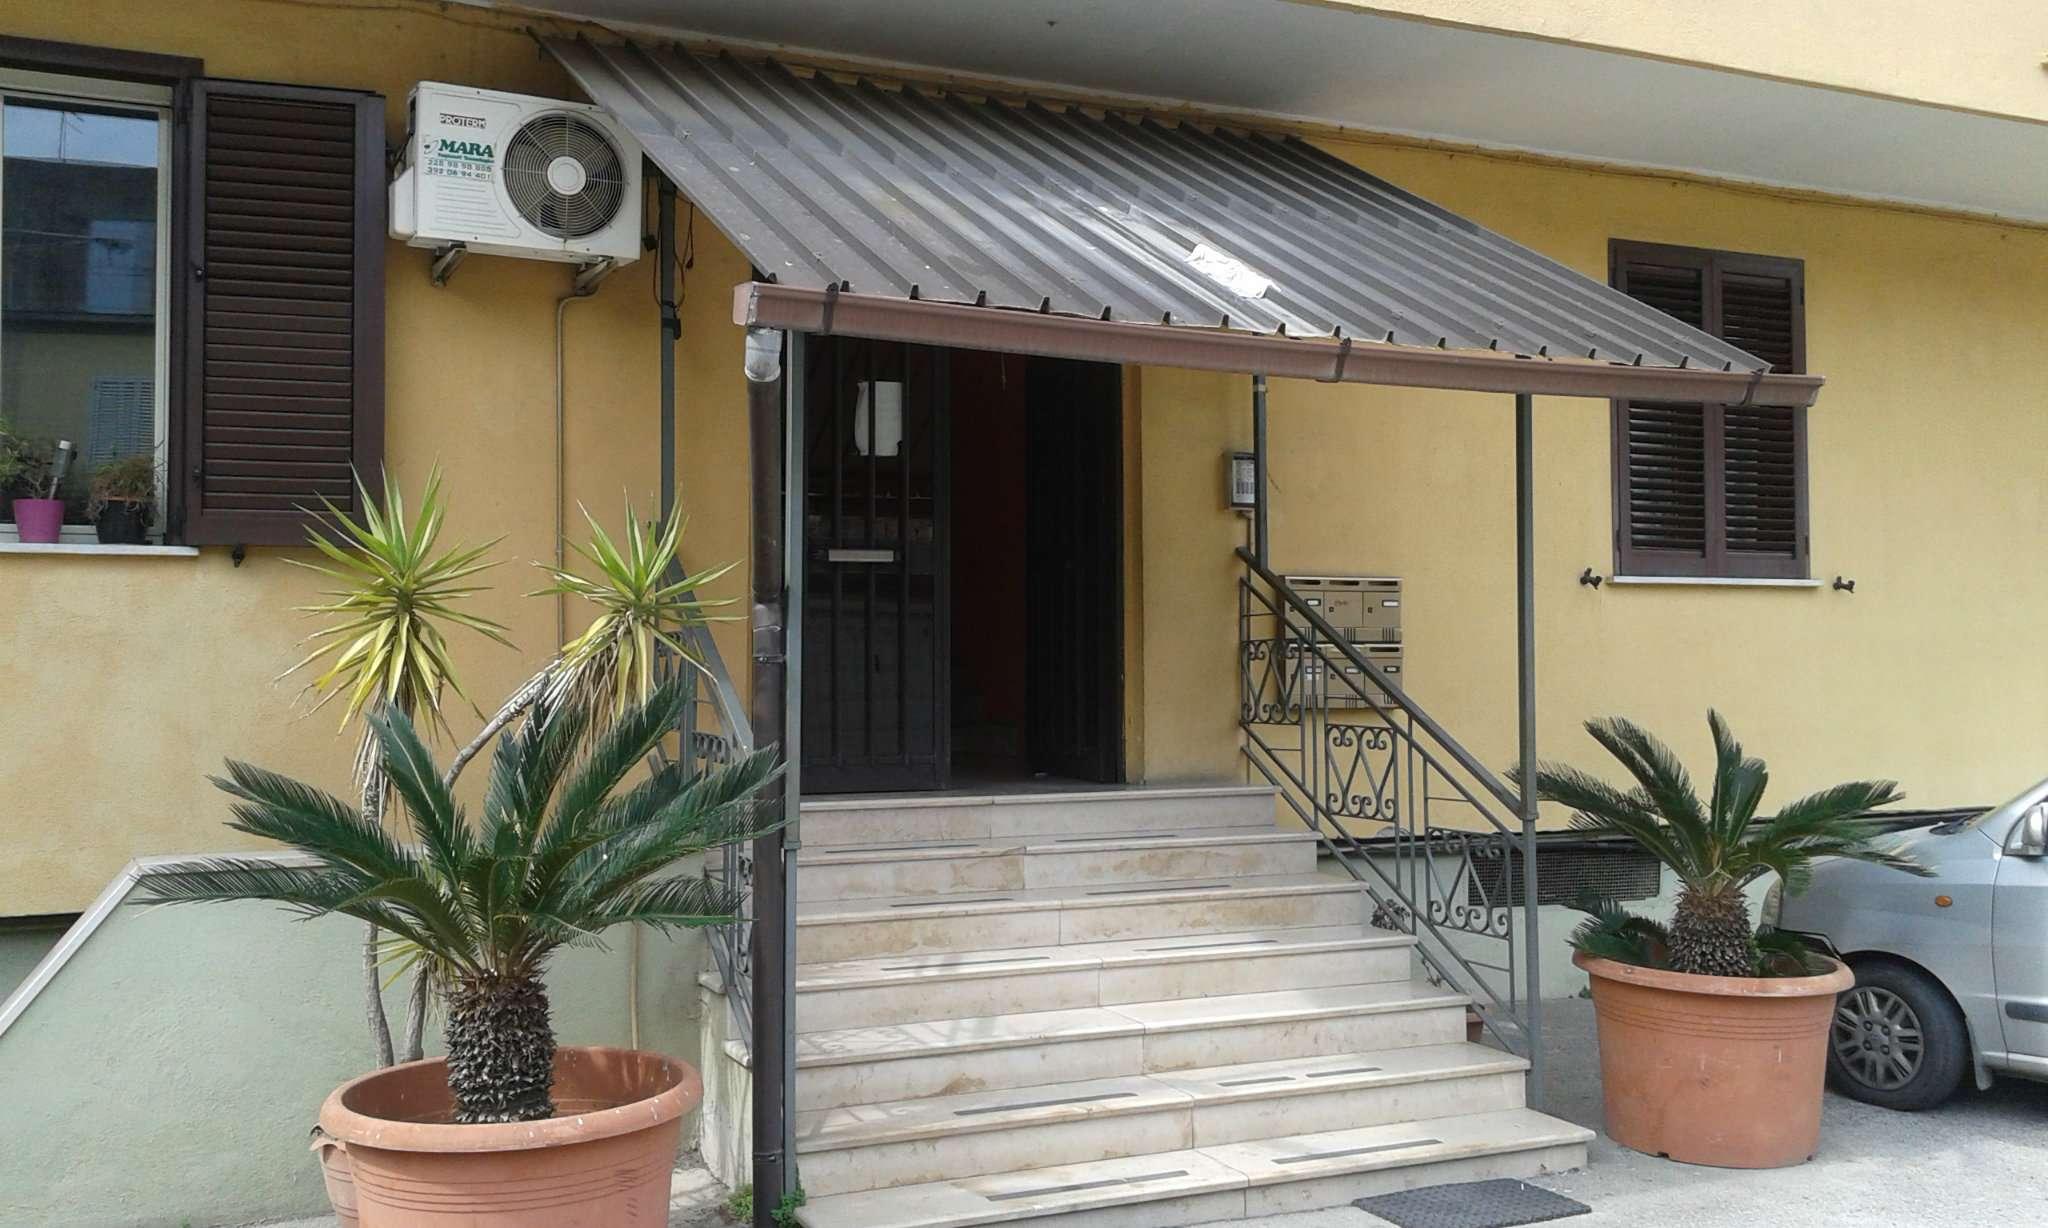 Appartamento in vendita a Marcianise, 3 locali, prezzo € 87.000 | Cambio Casa.it